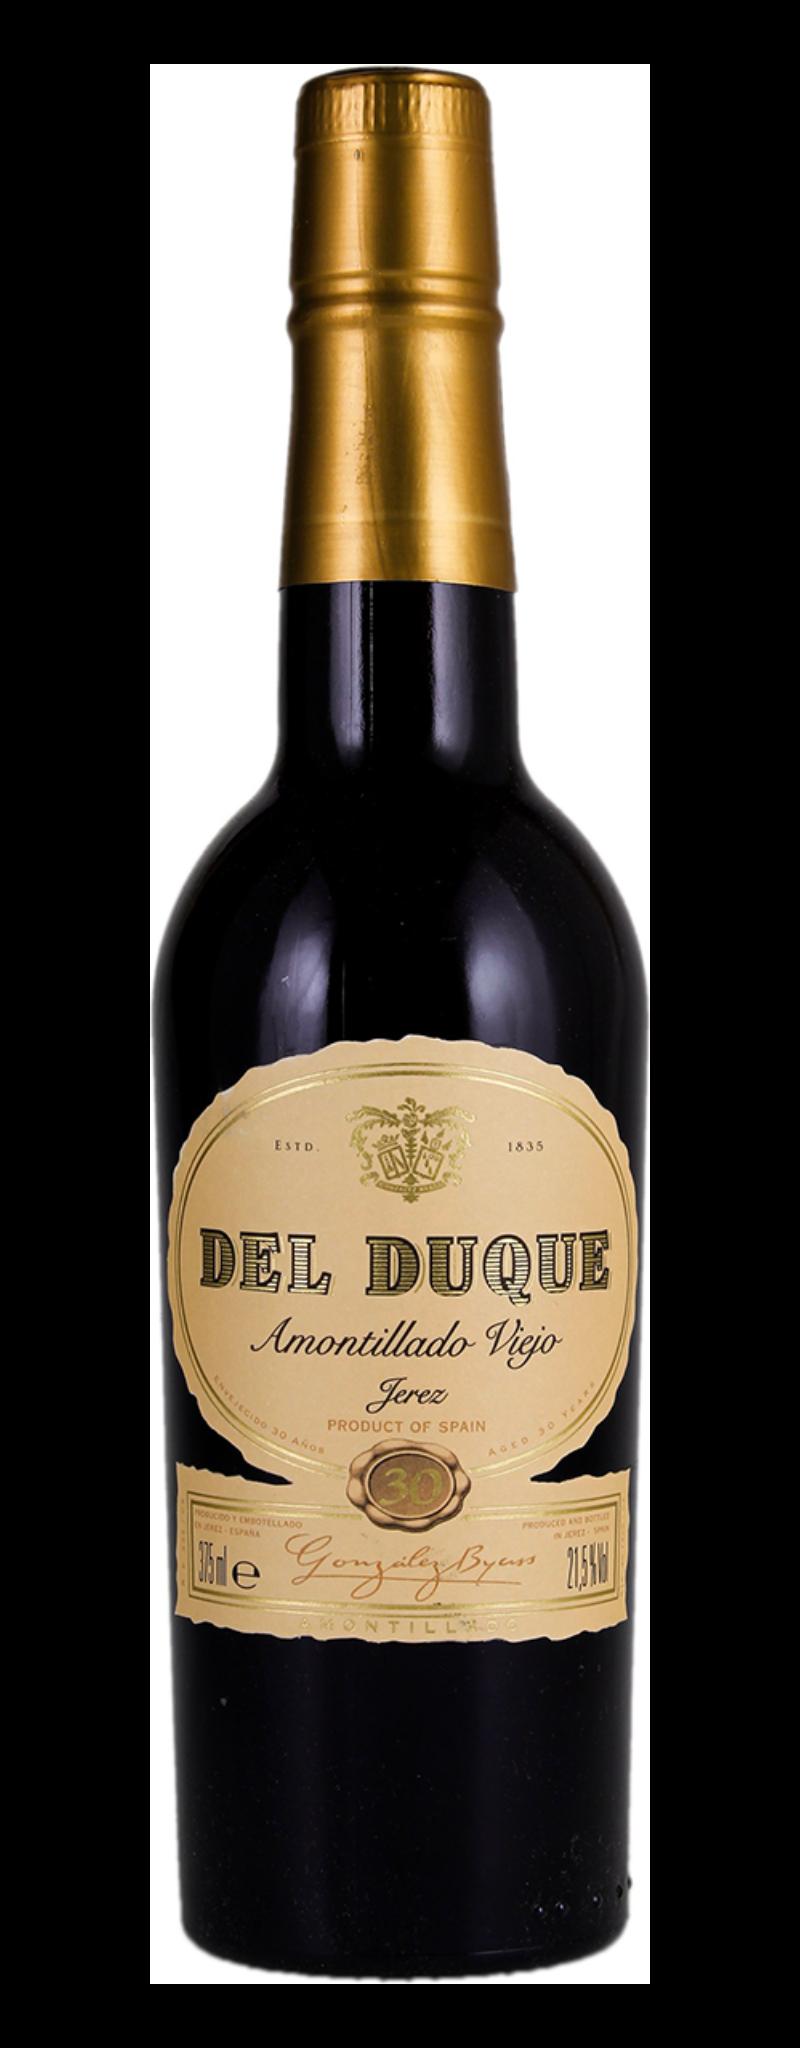 Gonzalez Byass, Del Duque, Dry Very Old Amontilado, V.O.R.S 30 Years, Jerez DO  - 750ml